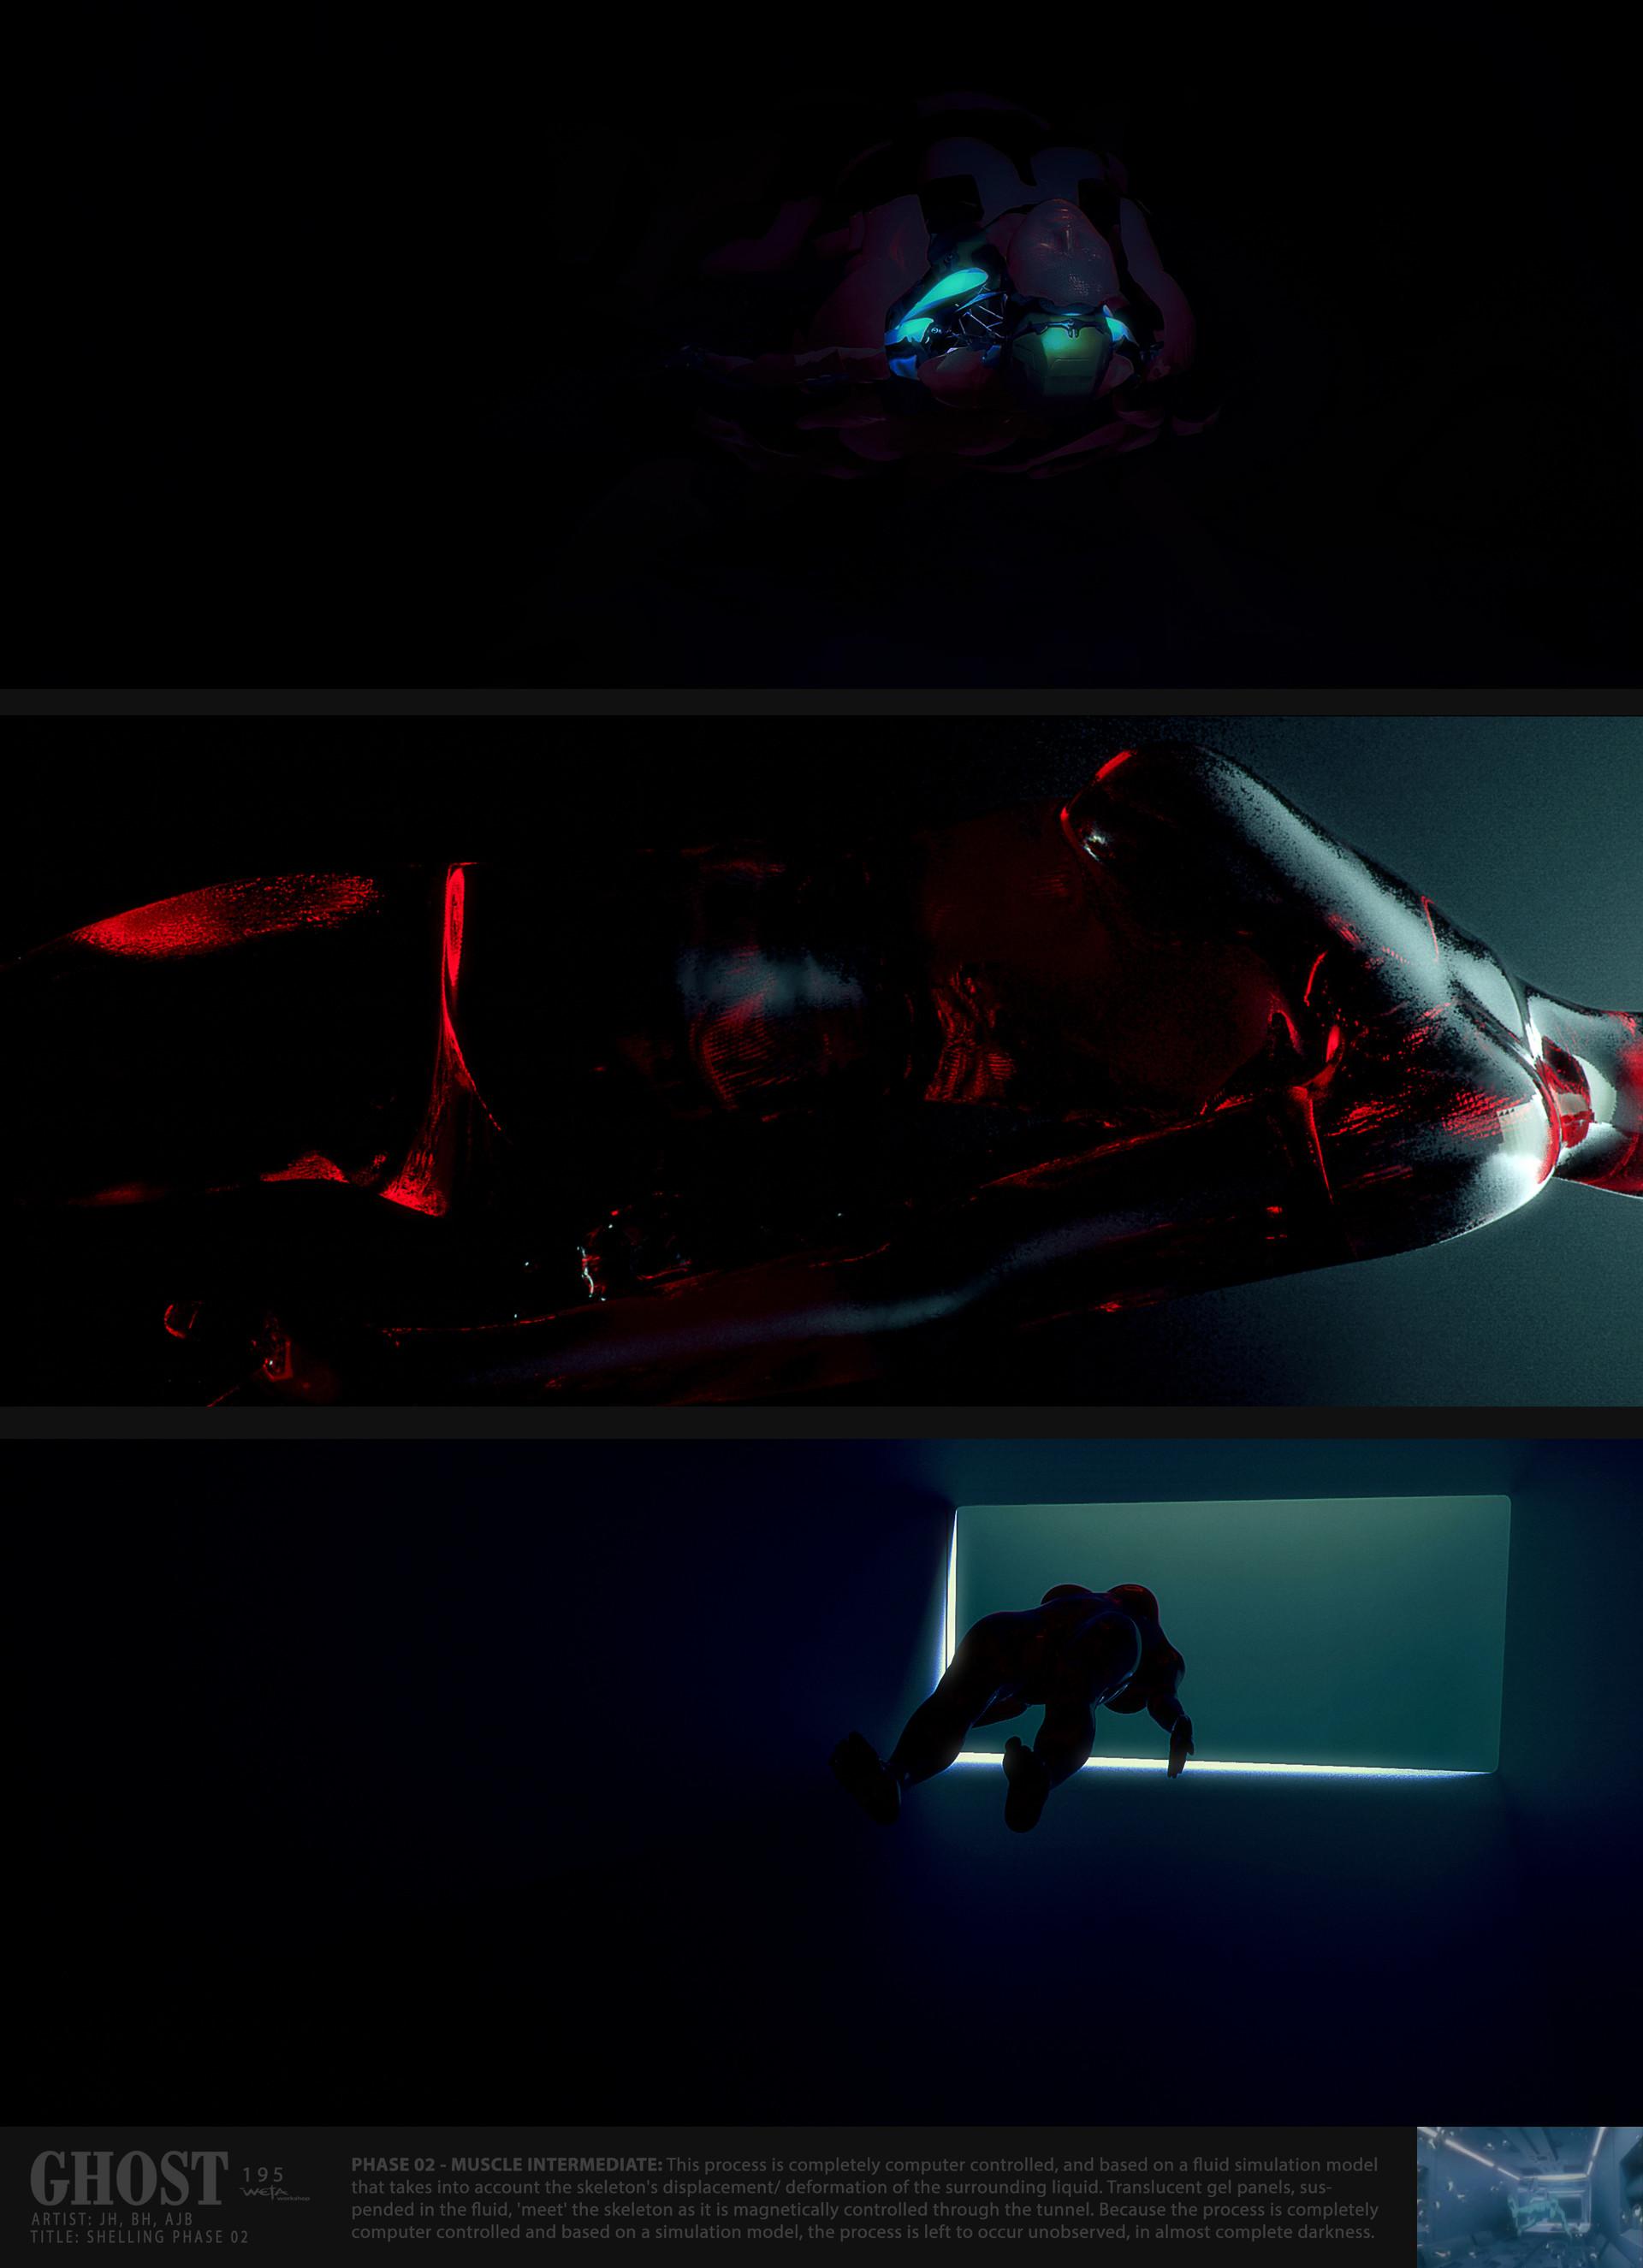 Muscle Intermediate - Artists: Jeremy Hanna + Andrew Baker